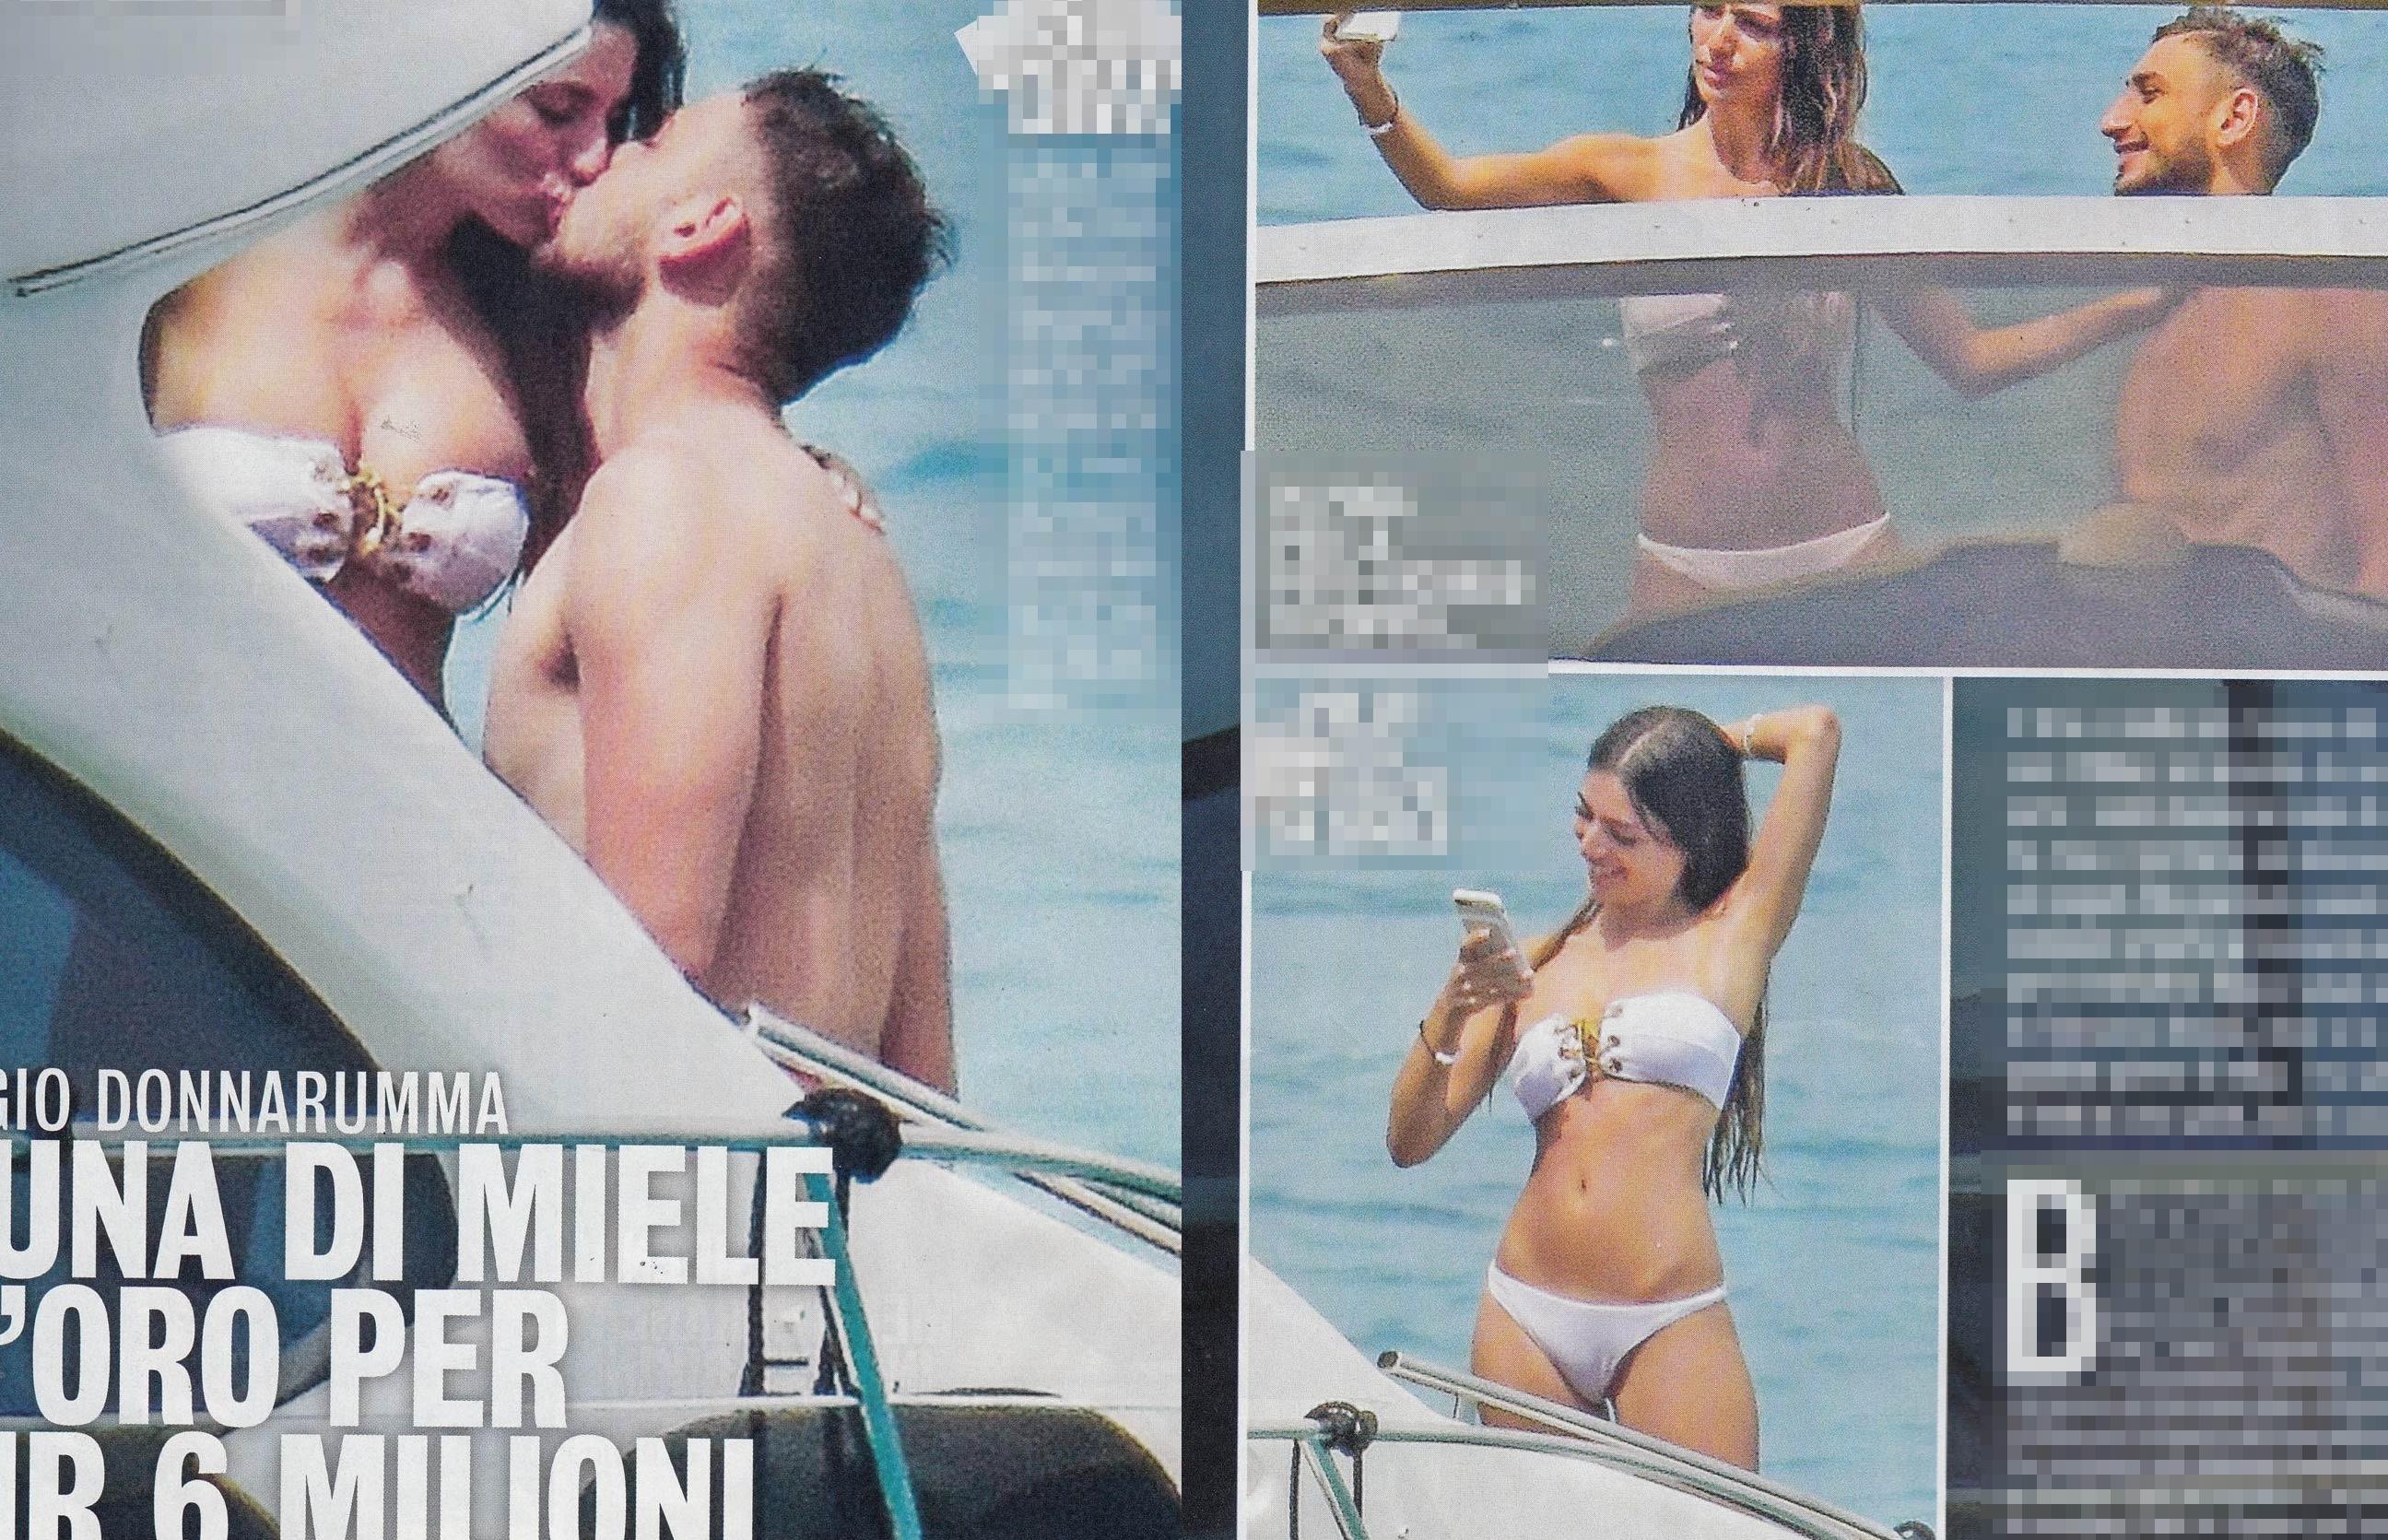 Gigi Donnarumma ecco la vacanza a Ibiza con Alessia